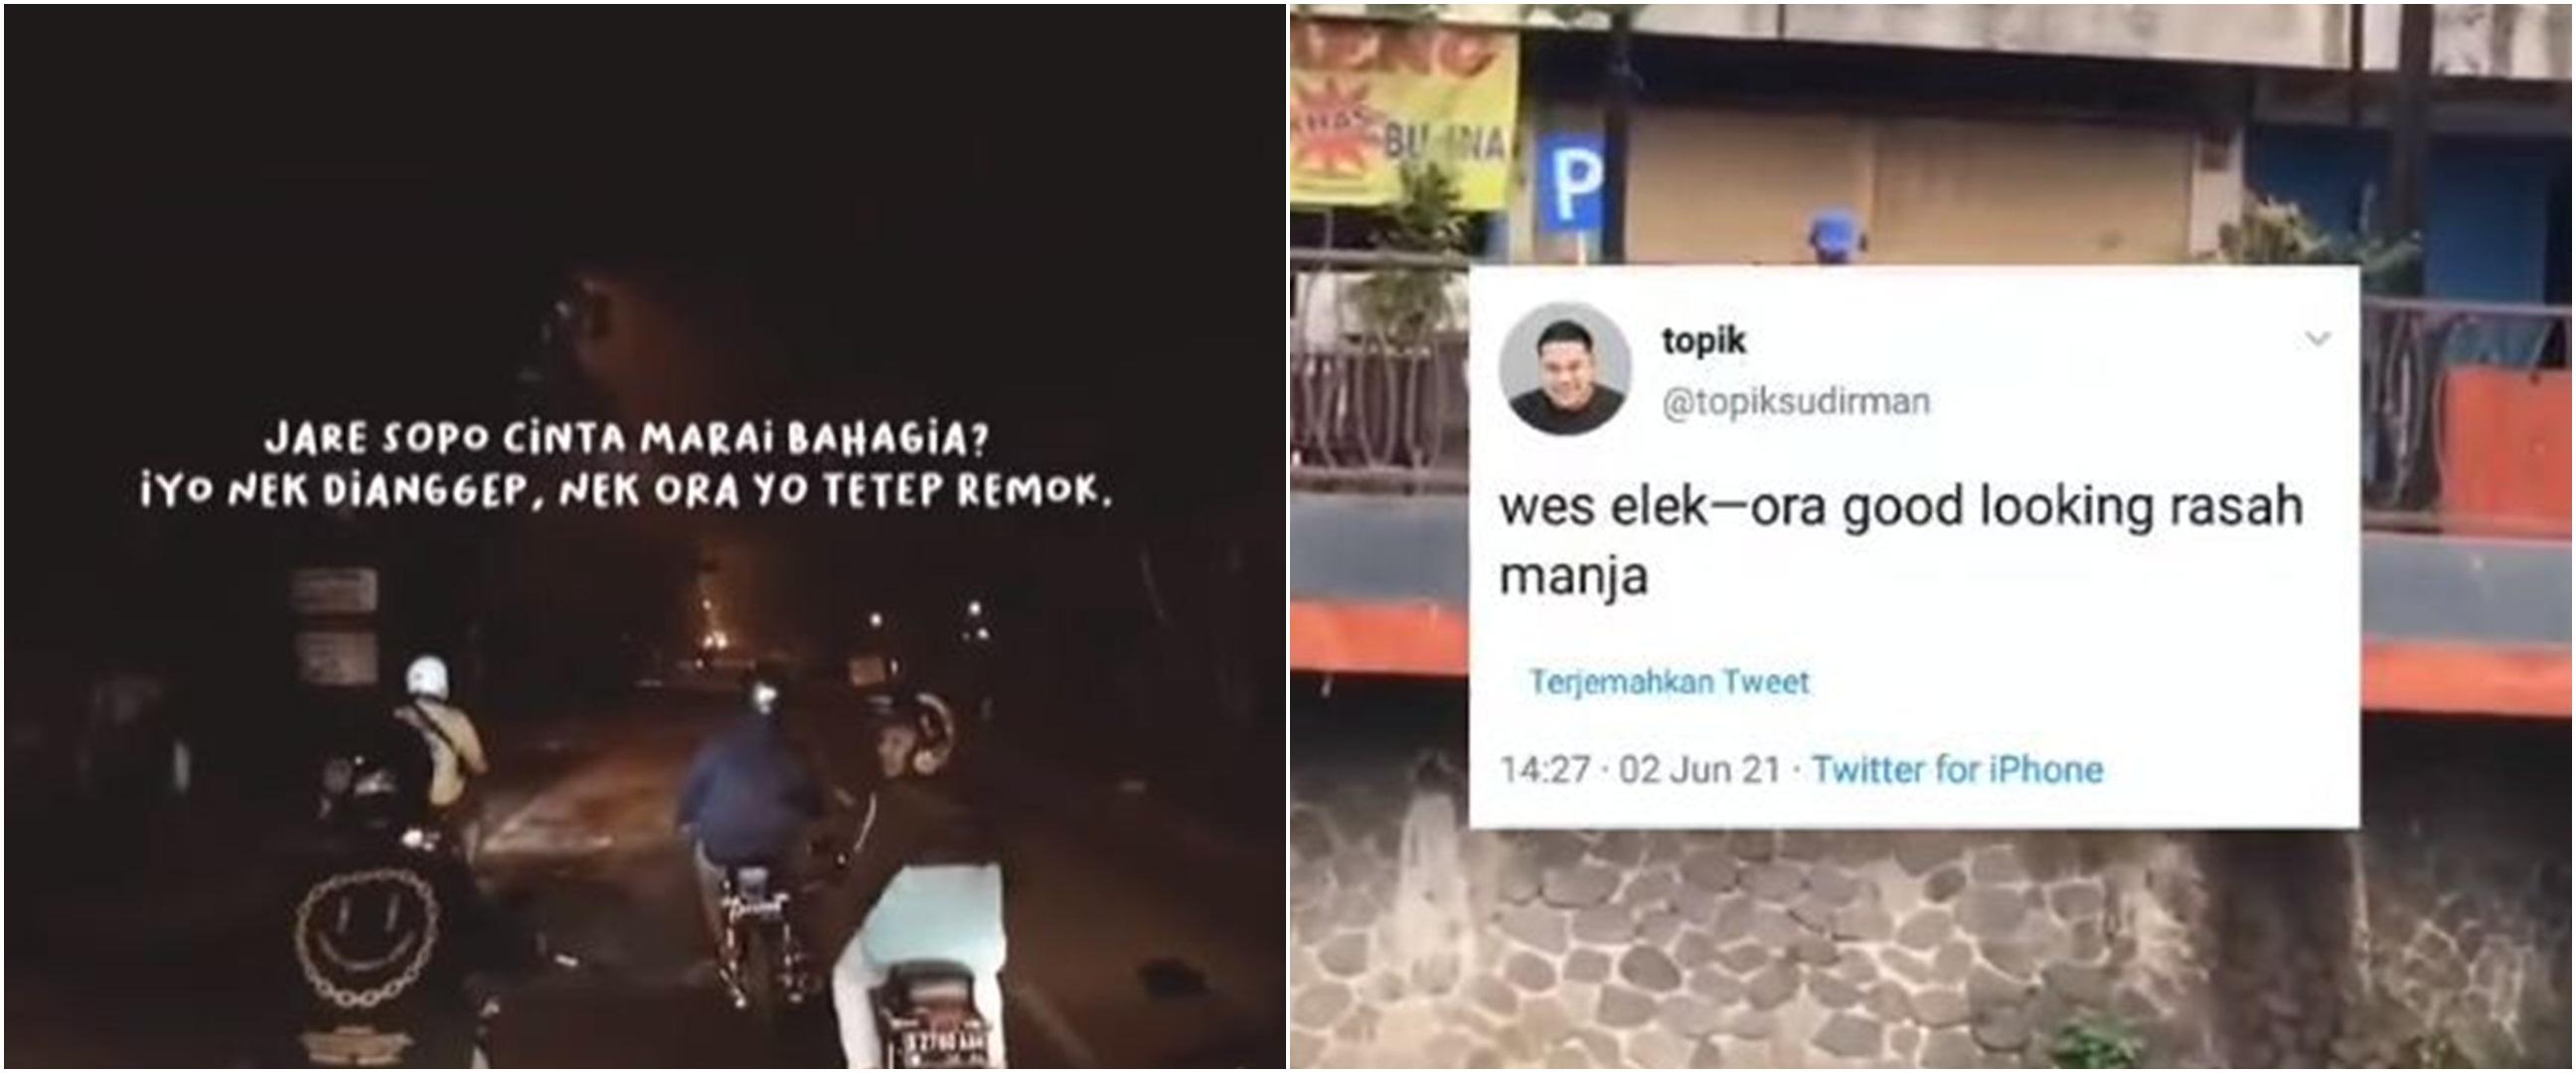 115 Kata-kata status lucu bahasa Jawa keren untuk media sosial